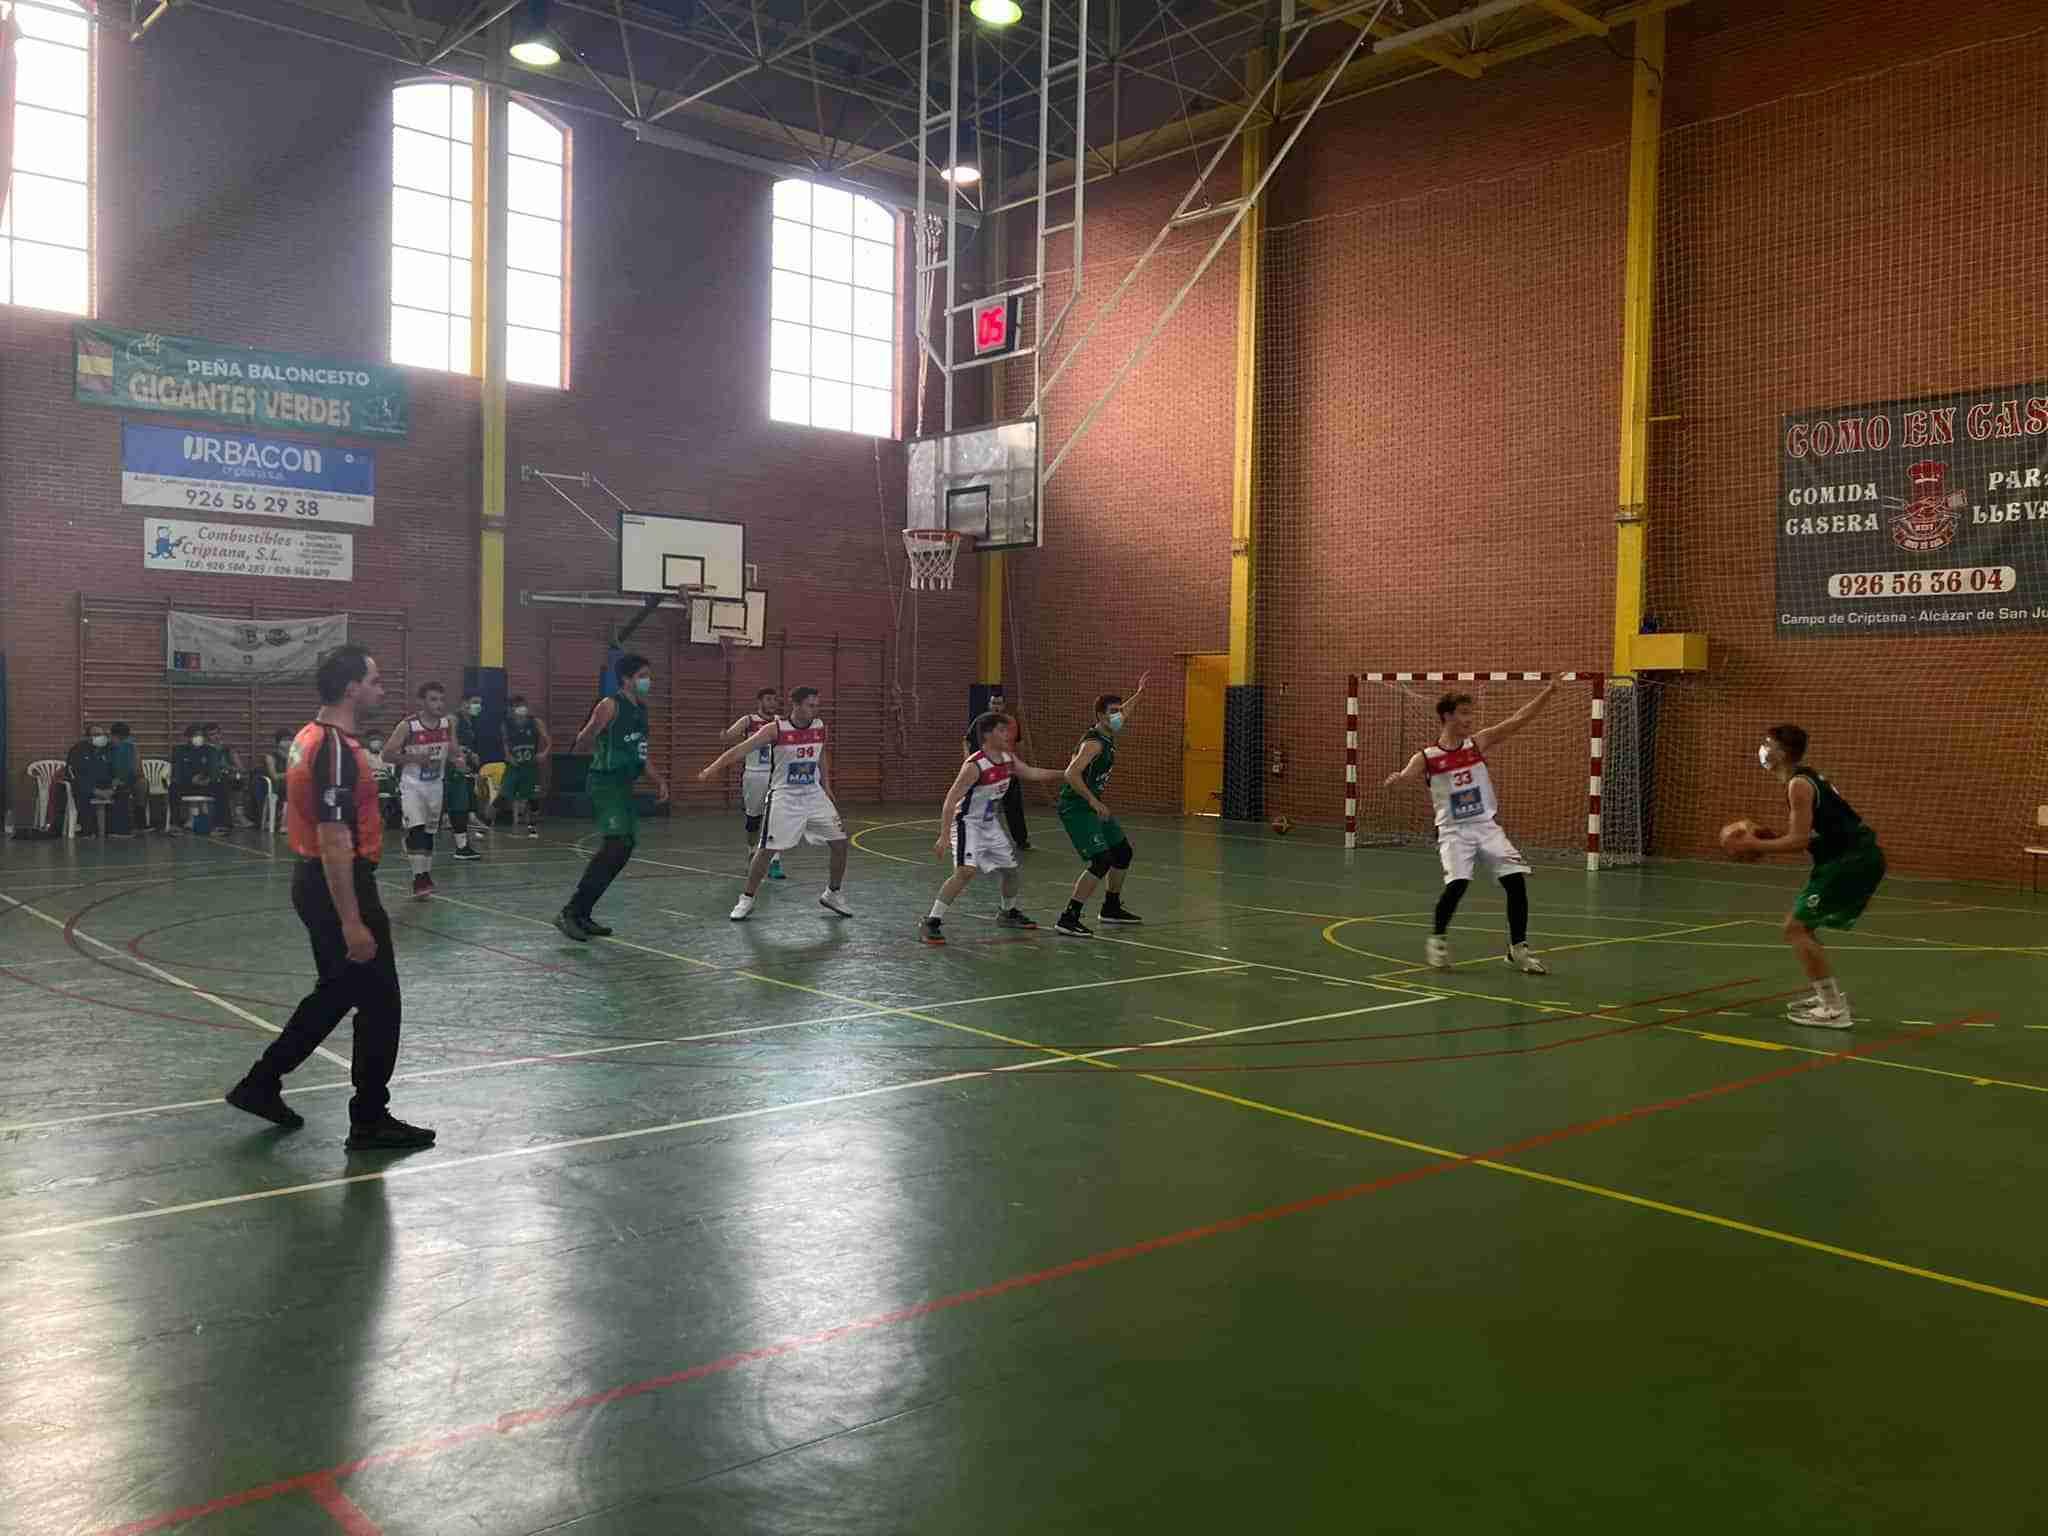 El equipo junior masculino de baloncesto Criptana gana en una nueva jornada de liga 3